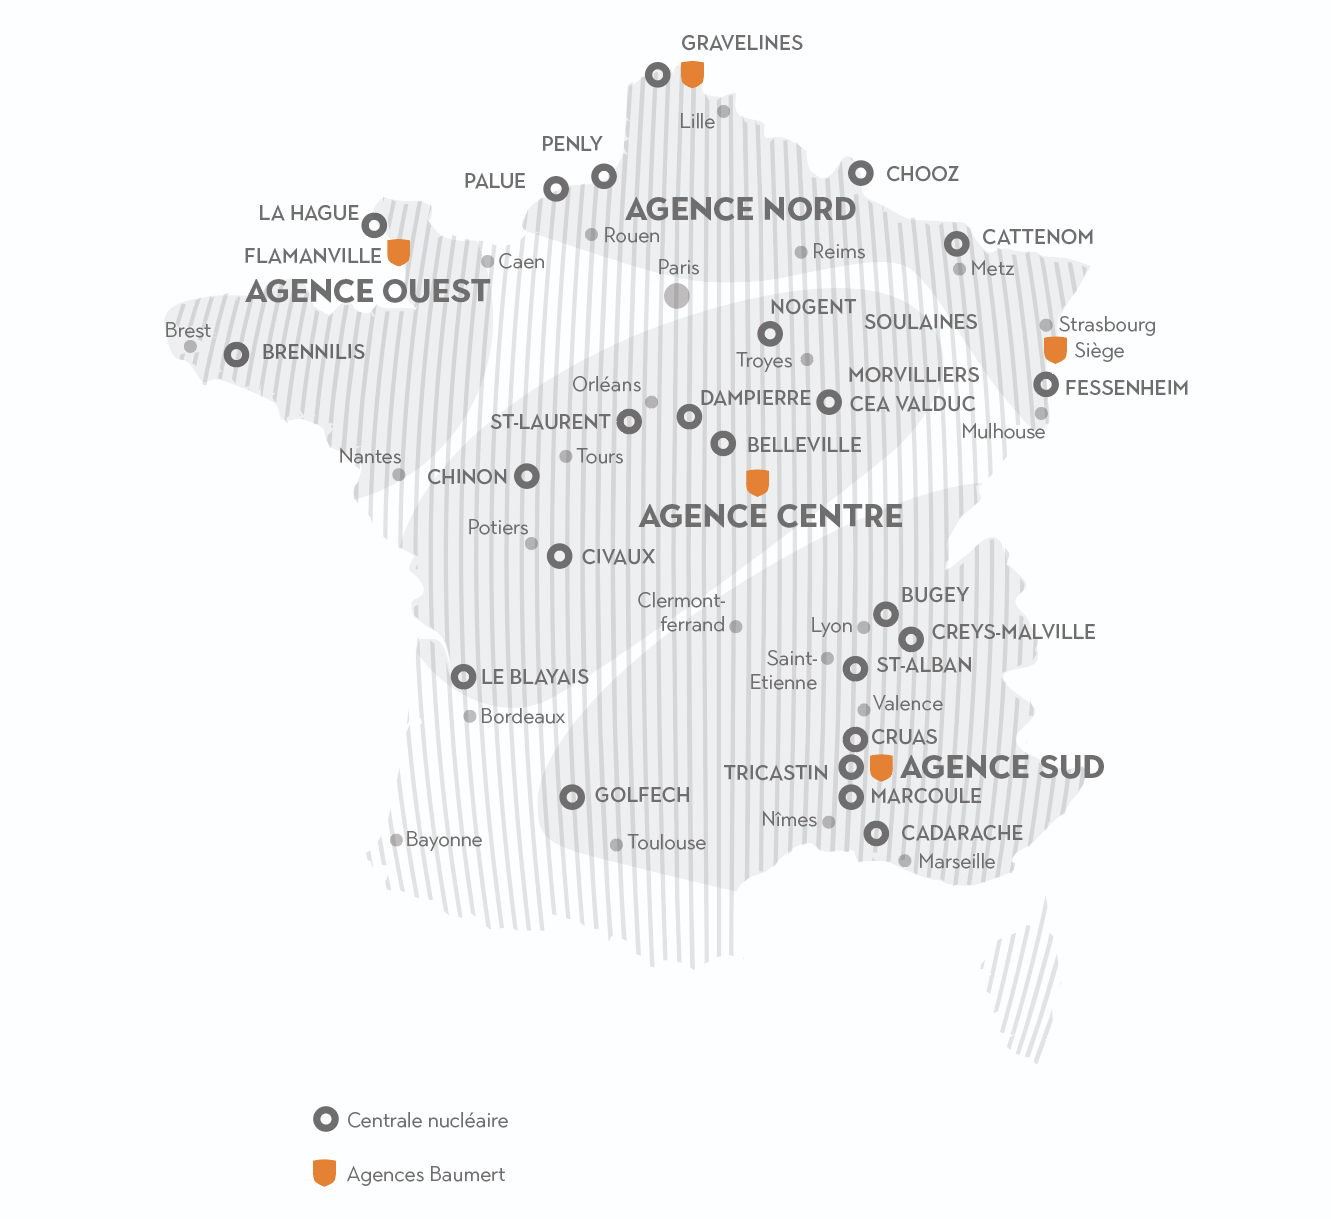 4 agences Baumert en France assurent la pose, la maintenance et les services de proximité